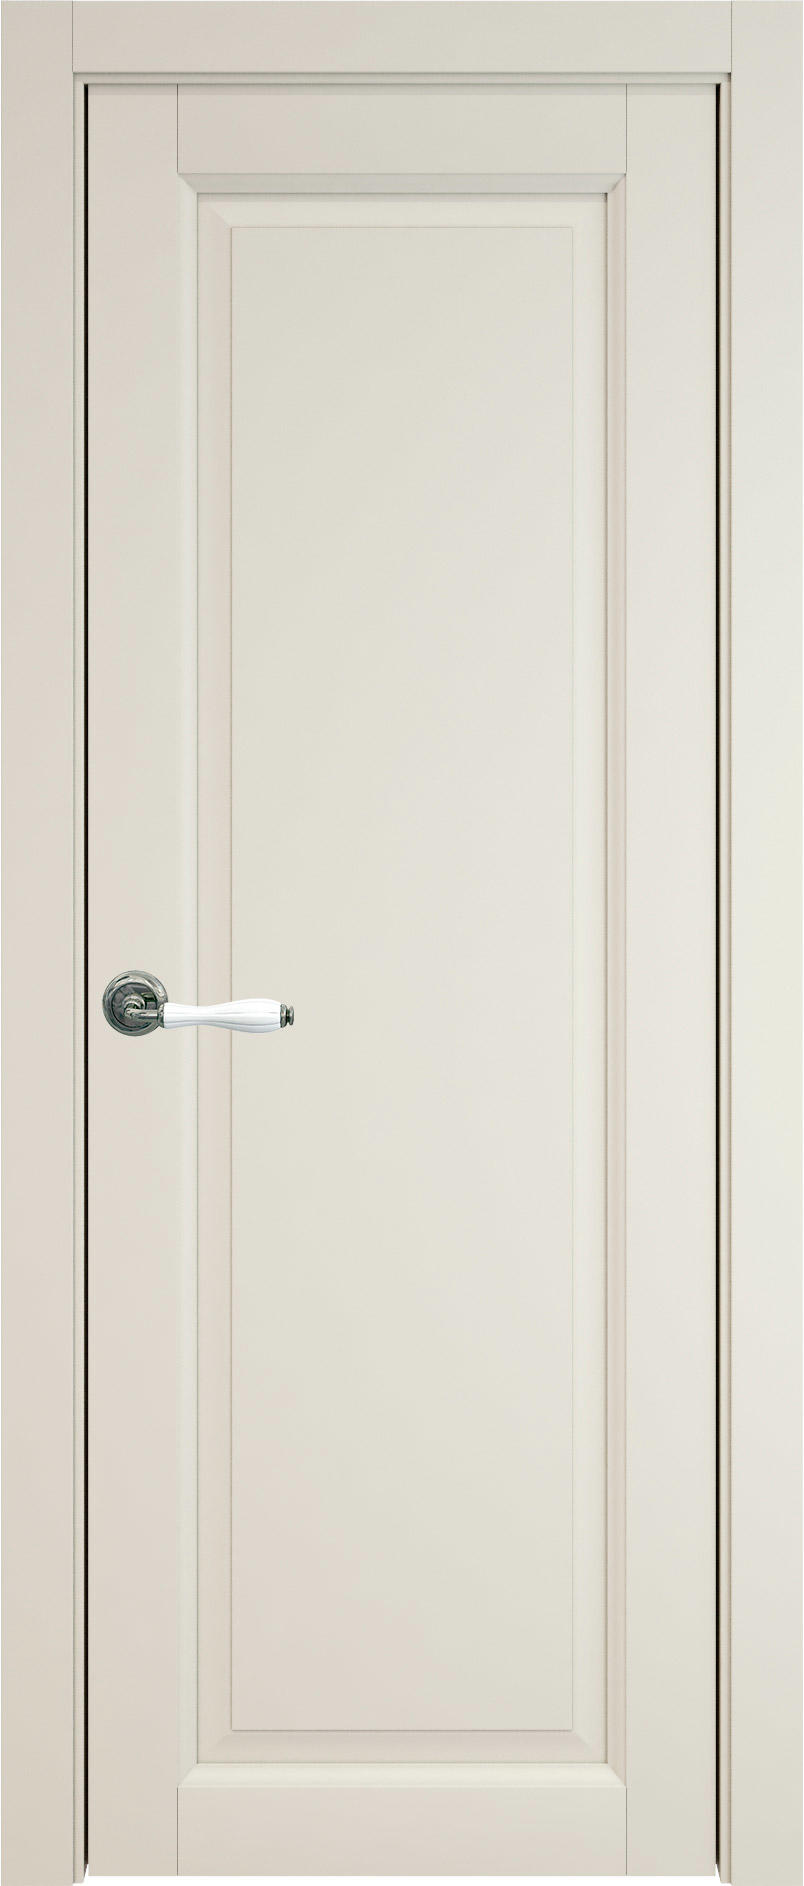 Domenica цвет - Жемчужная эмаль (RAL 1013) Без стекла (ДГ)